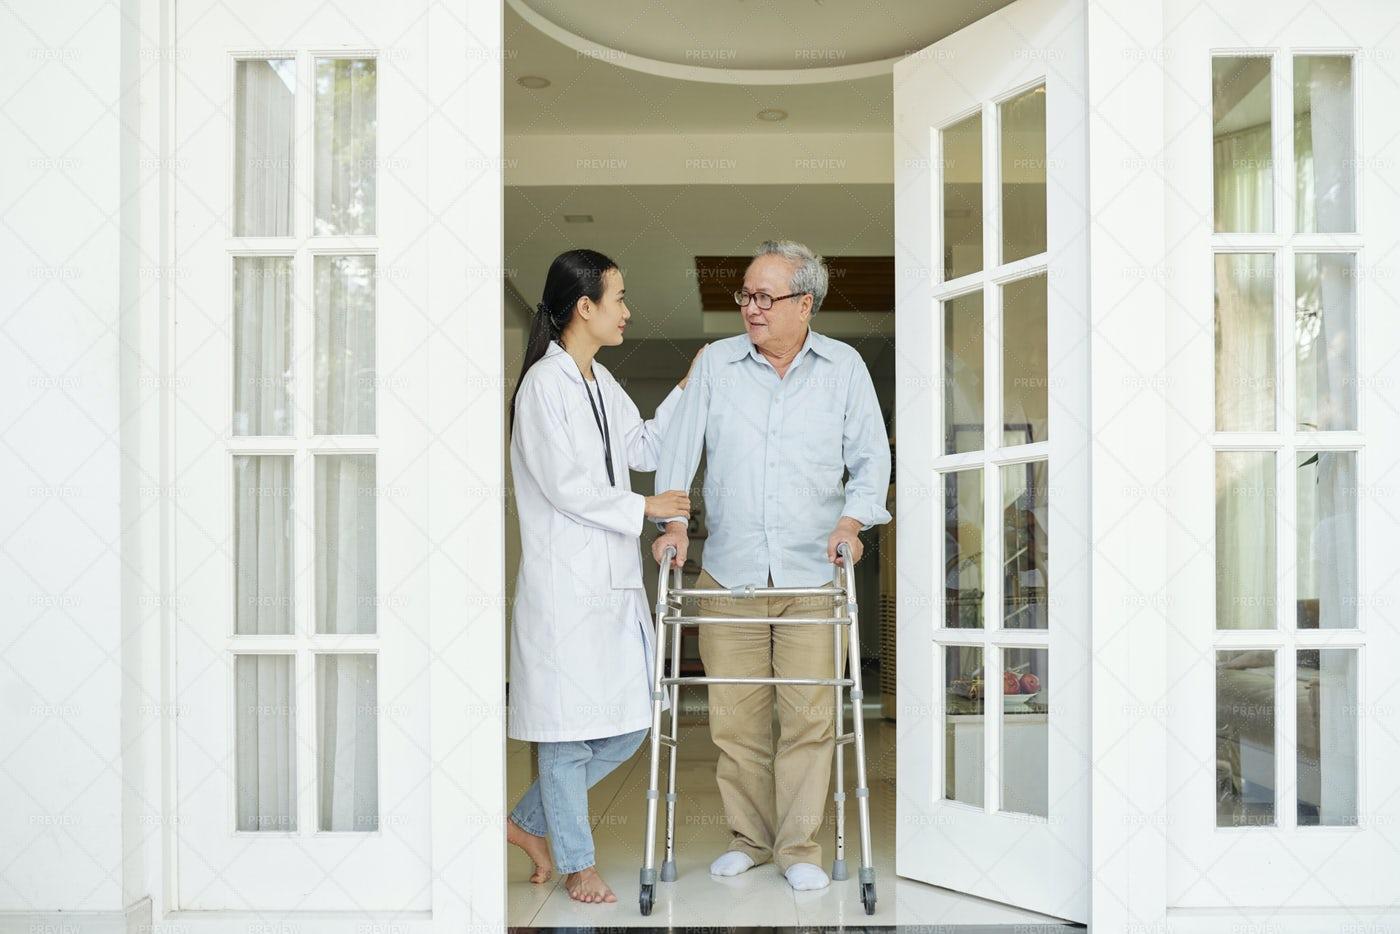 Senior Man With Nurse Is Going To Walk: Stock Photos